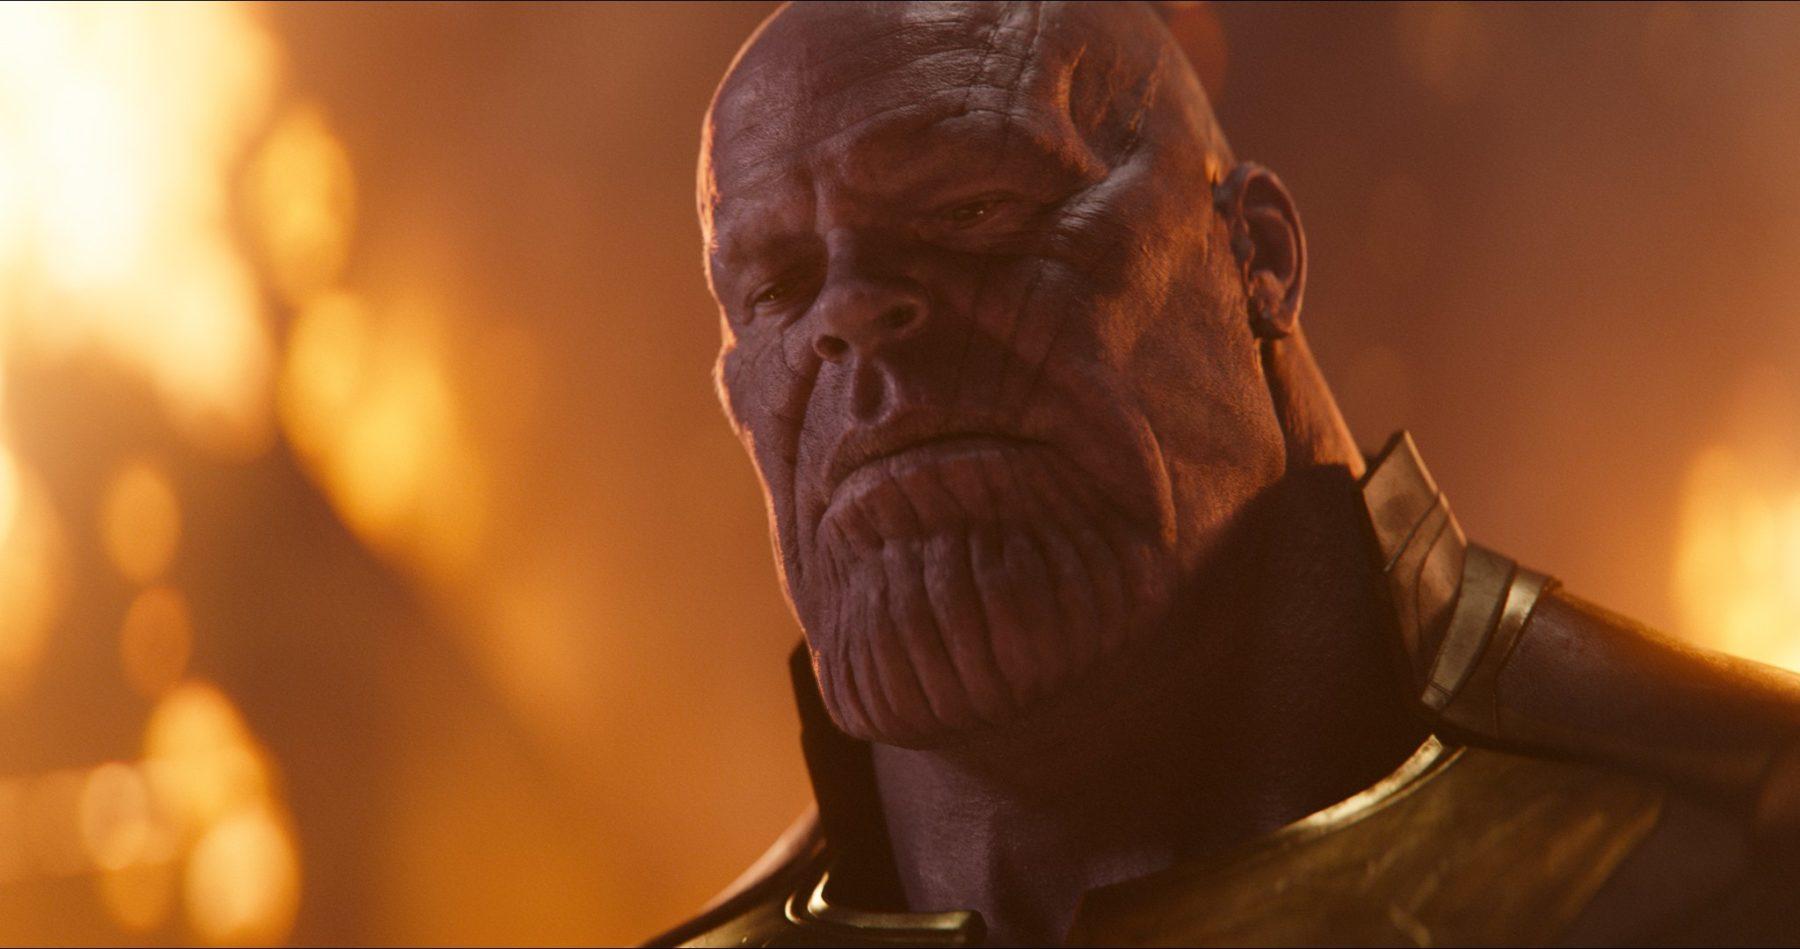 Esto es cuánto tiempo de pantalla tuvo cada personaje en Avengers: Infinity War